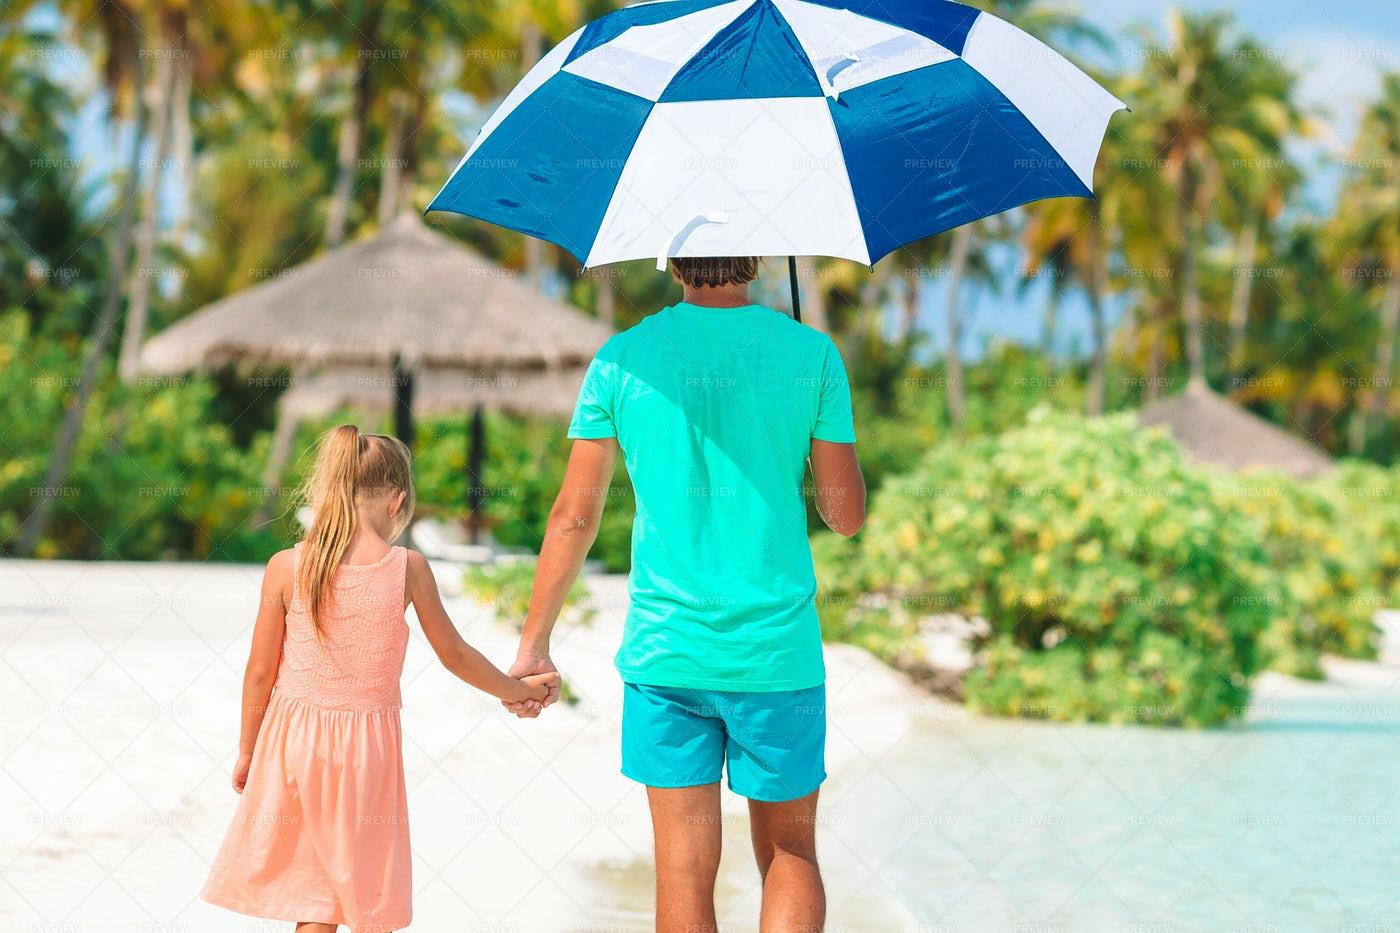 At The Beach With An Umbrella: Stock Photos